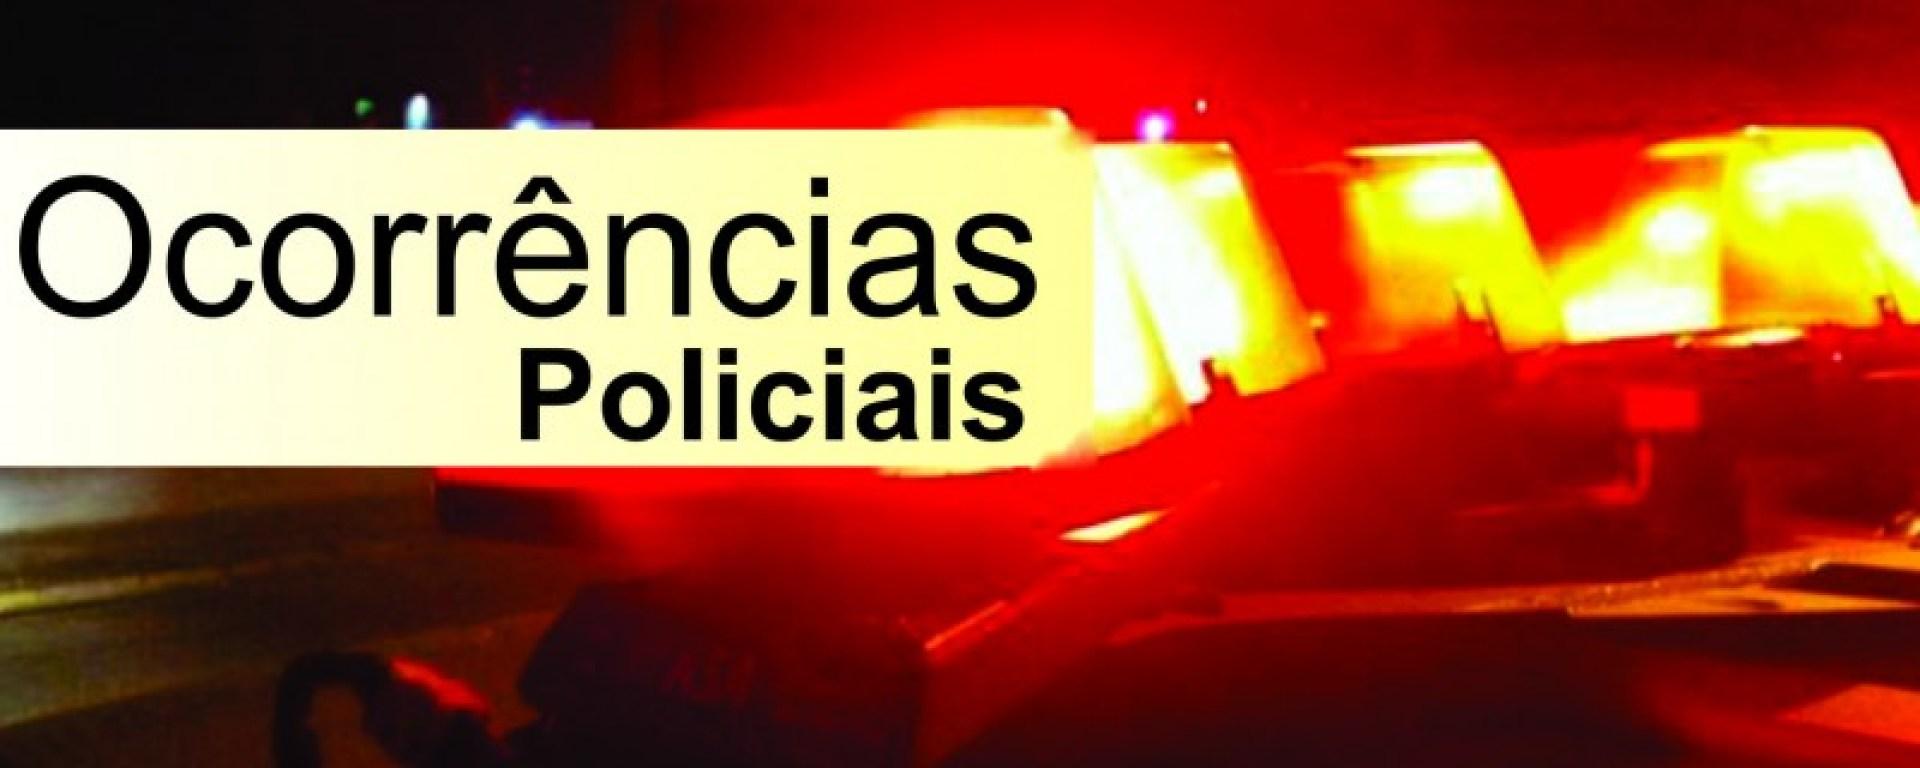 Resultado de imagem para plantao policial